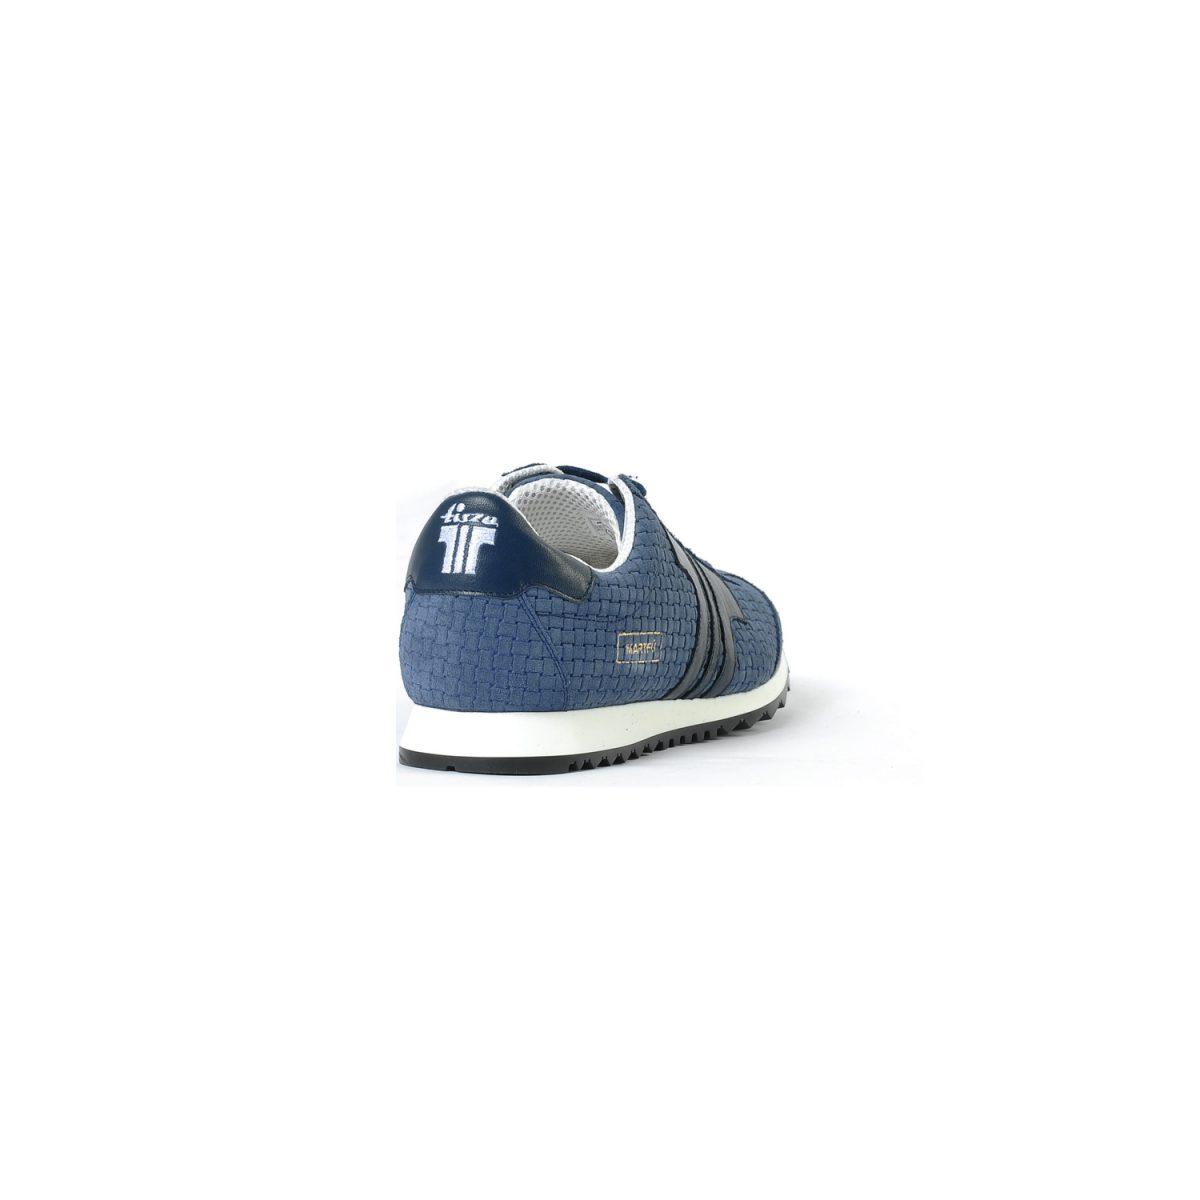 Tisza cipő - Martfű - Twisted-kék